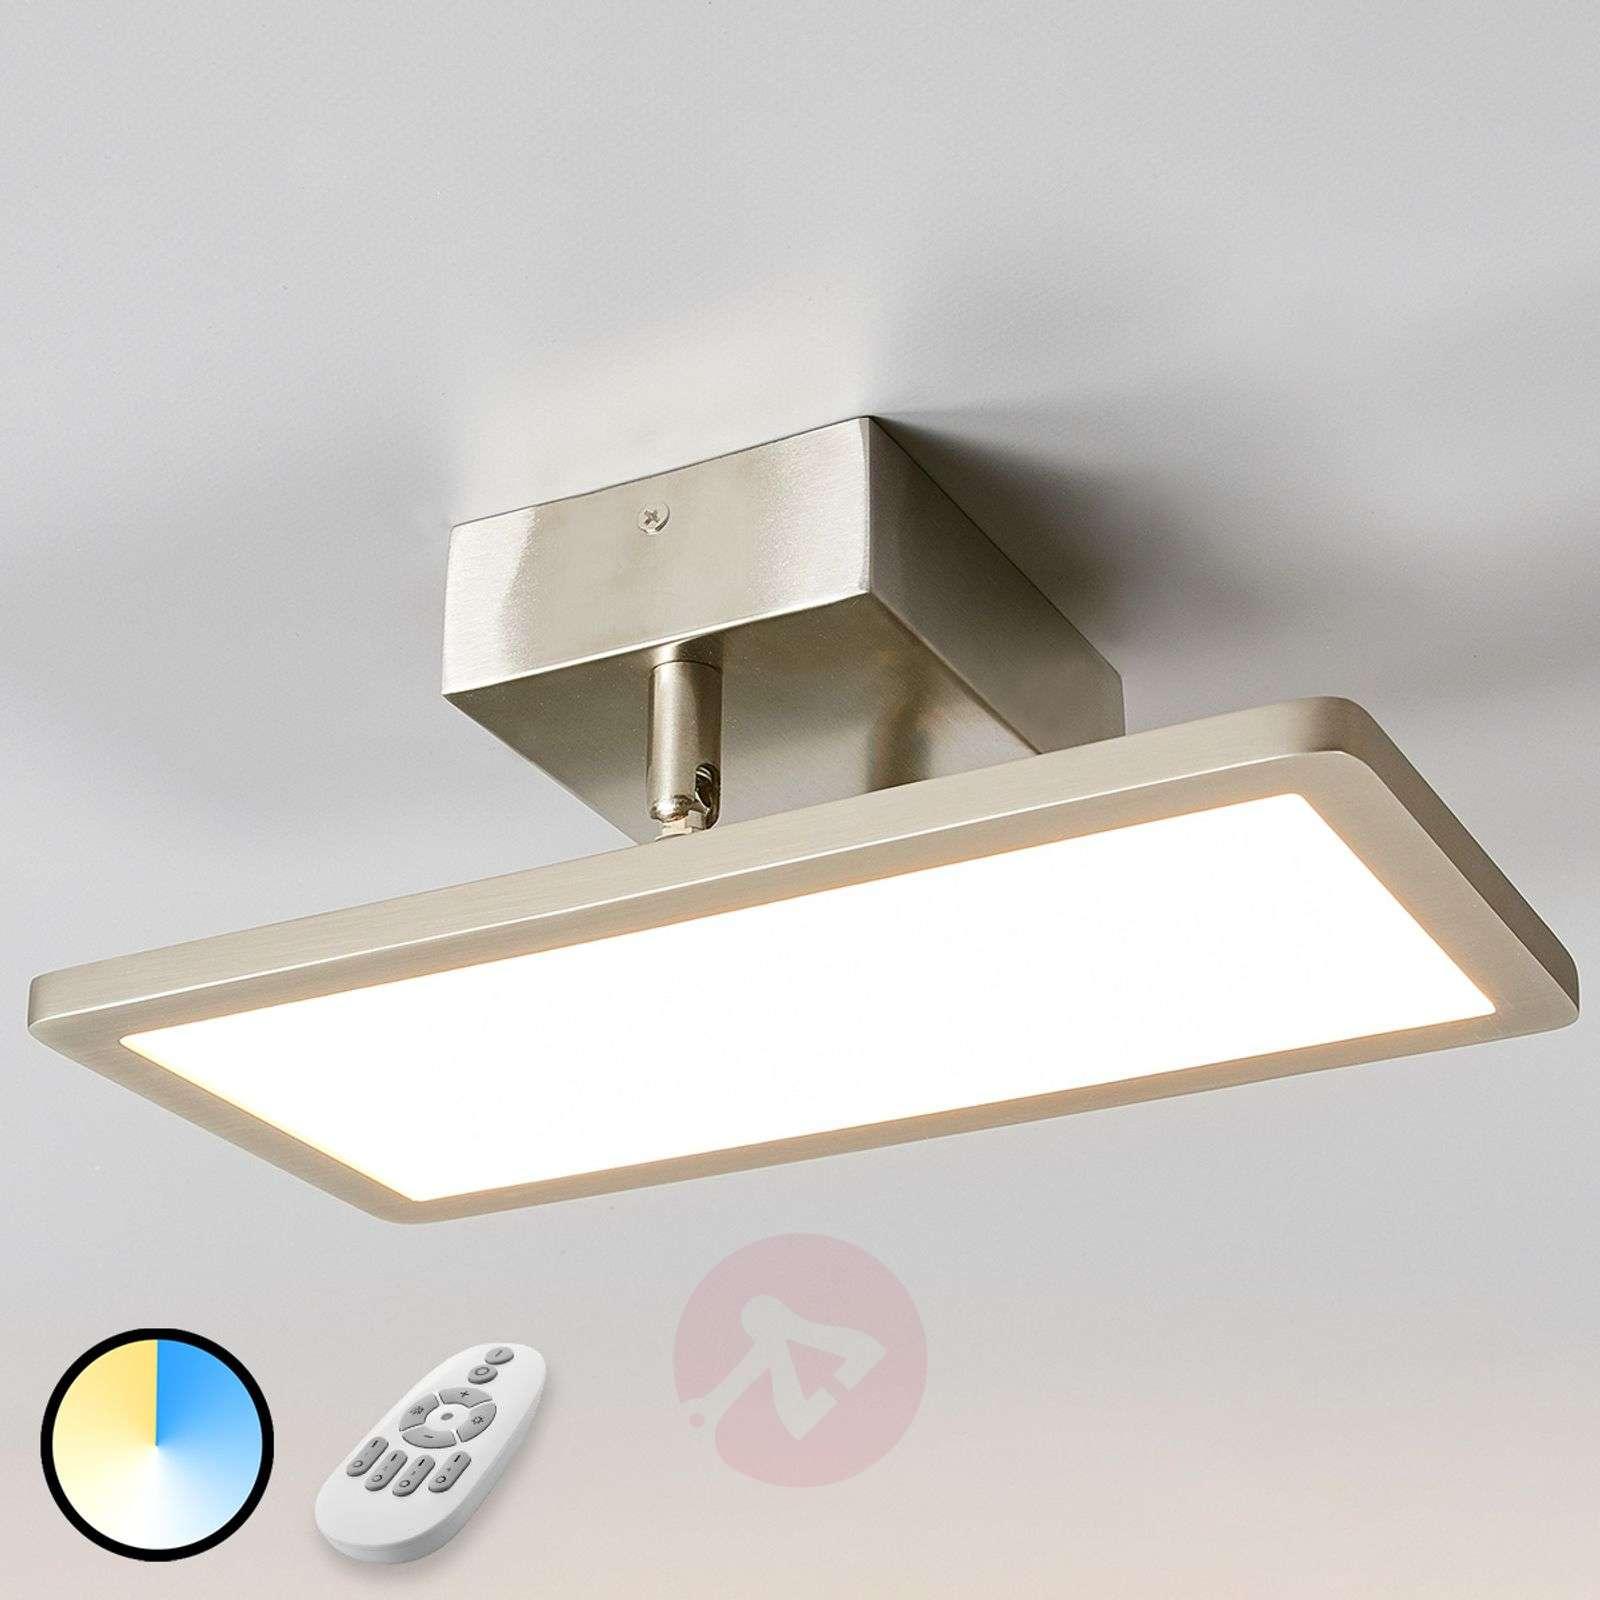 Kulmikas LED-kattolamppu Vanessa, easydim-1558139-011